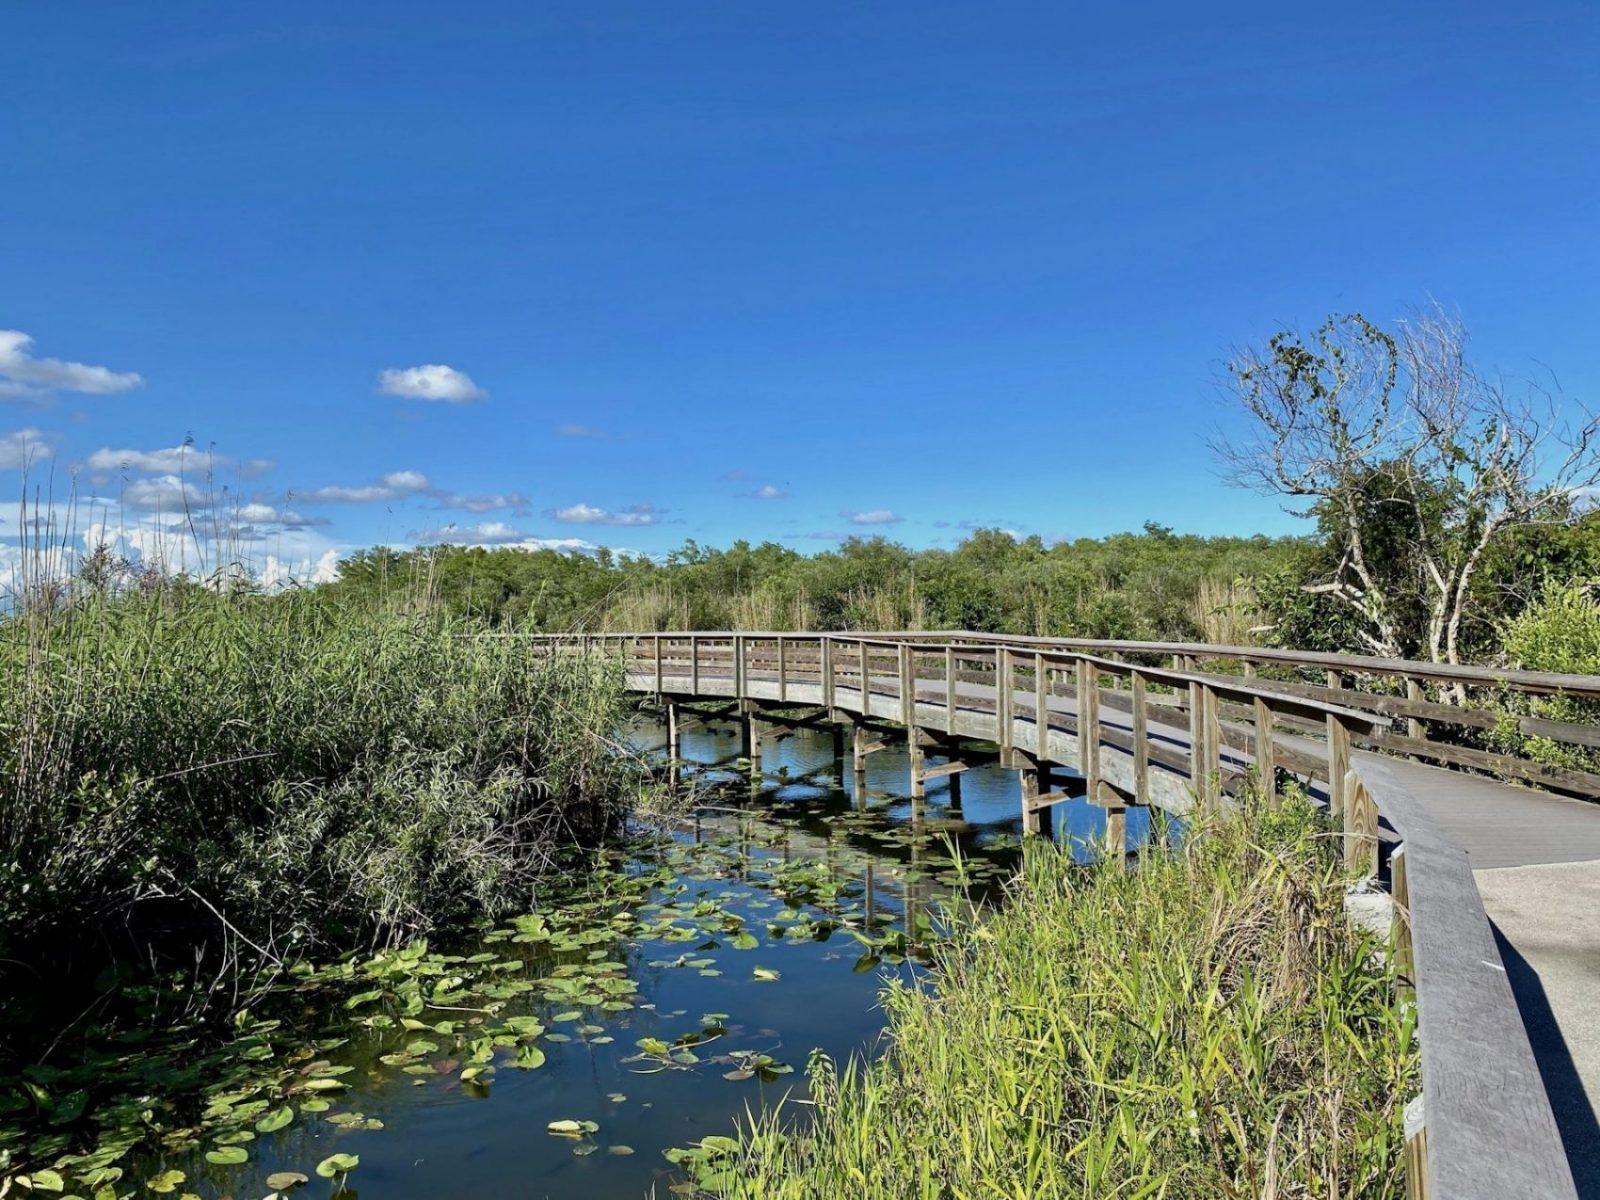 Le ponton de l'anhinga trail, le chemin le plus connu de la partie Sud des Everglades. Un des coups de coeur de Miami Off Road